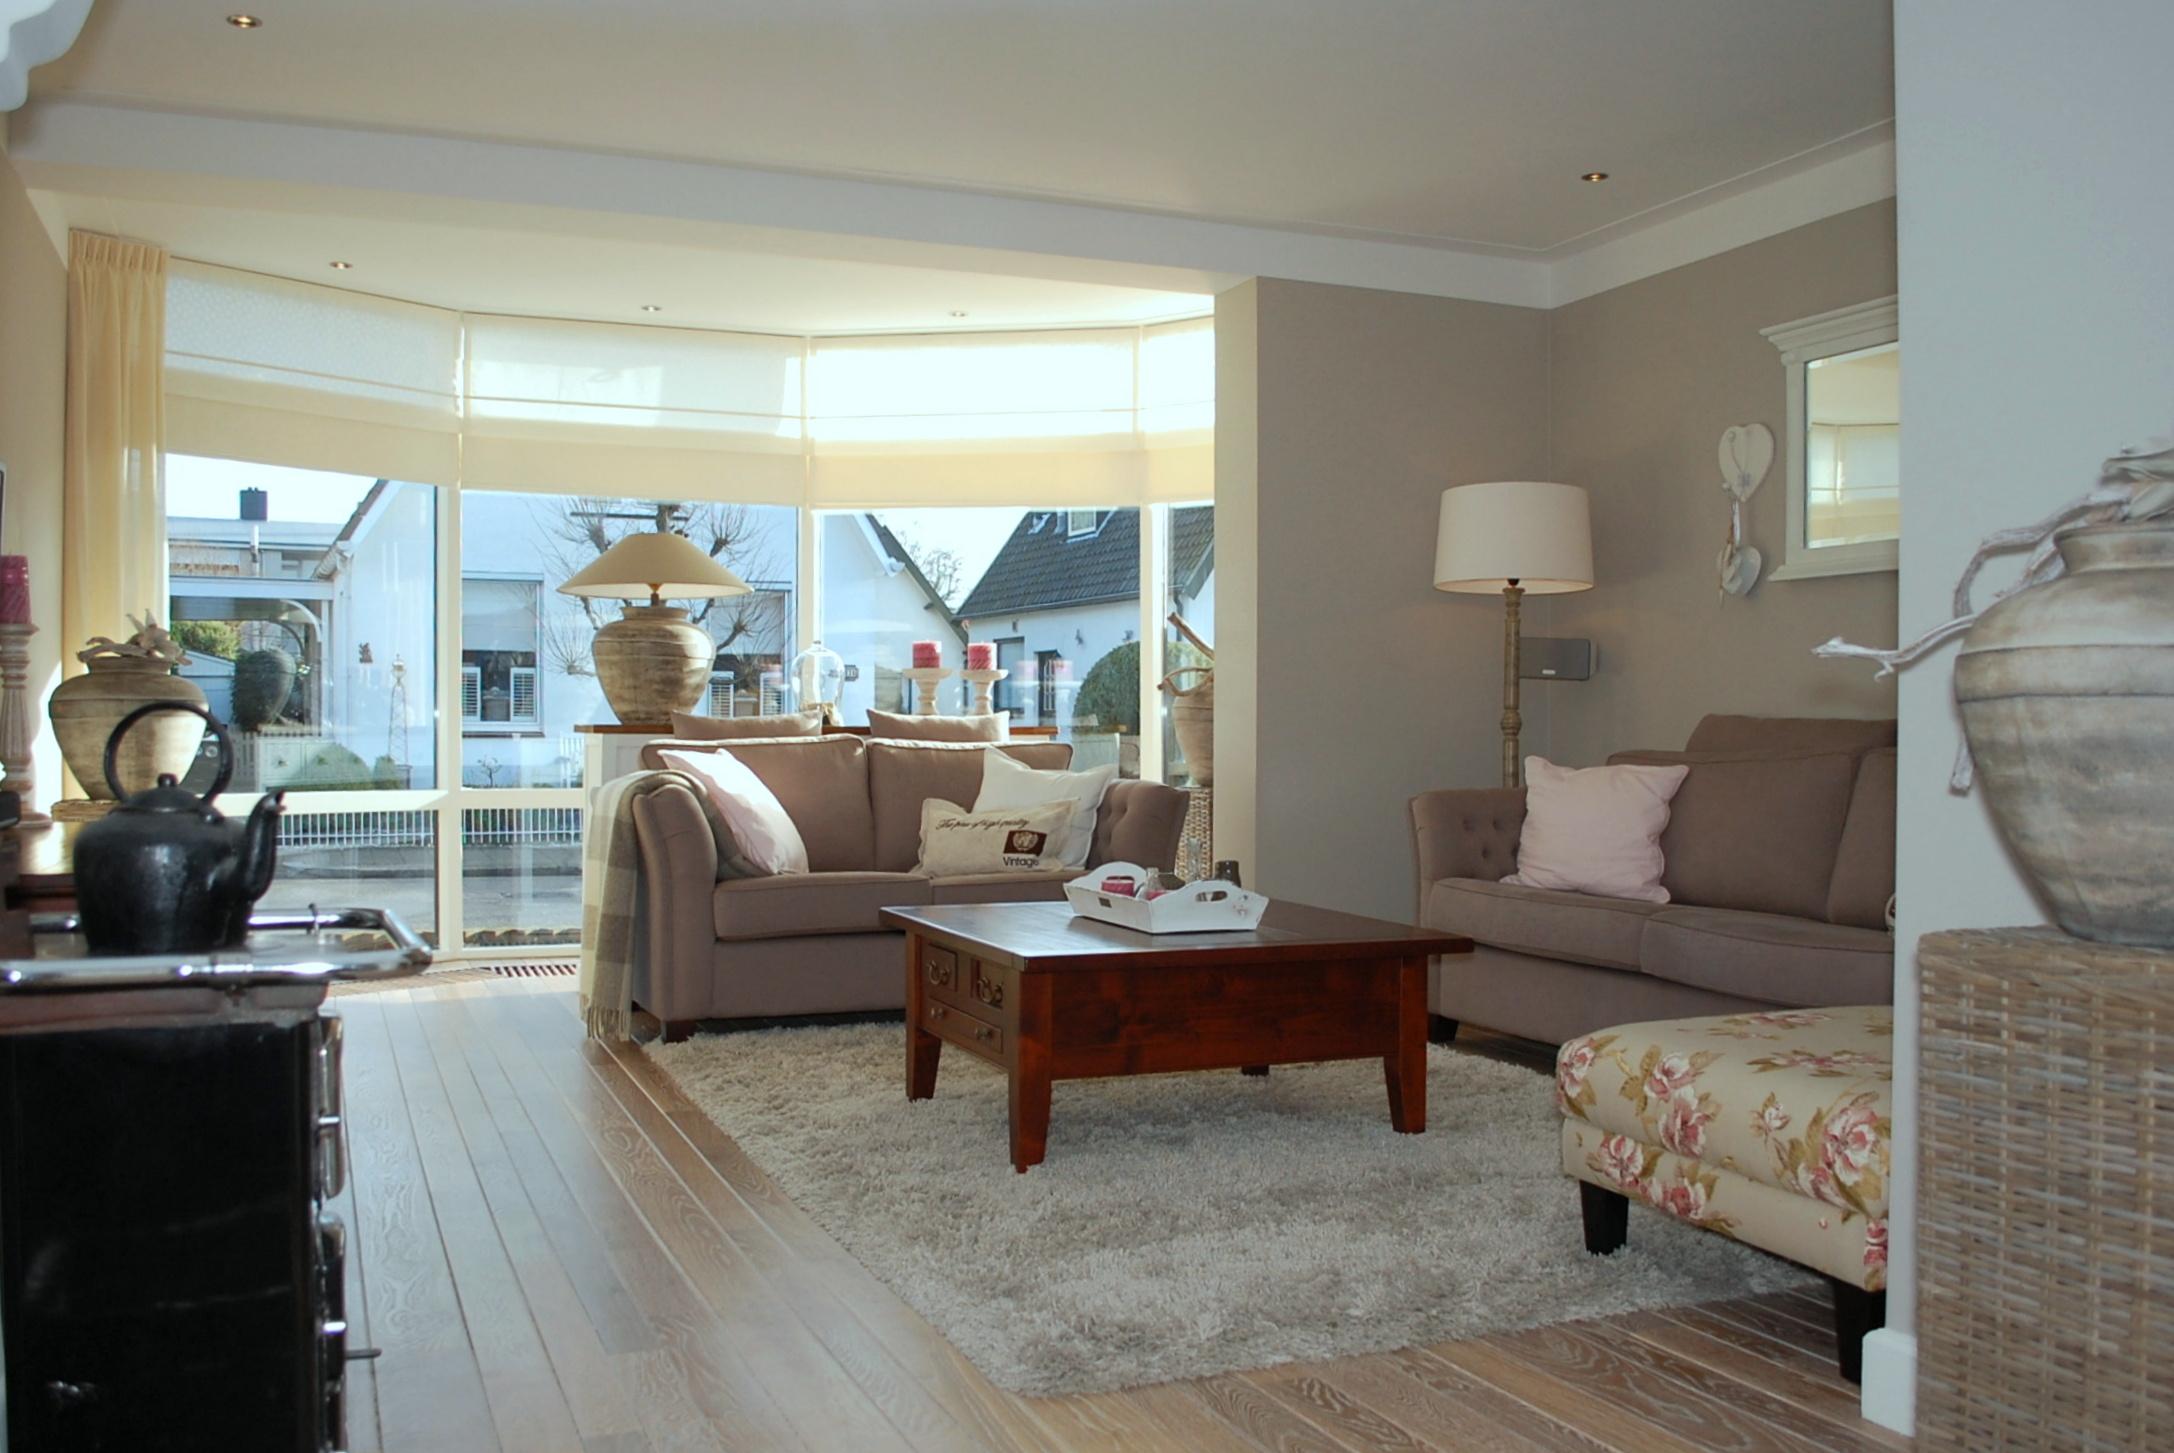 ontwerp mooier slaapkamers wonen